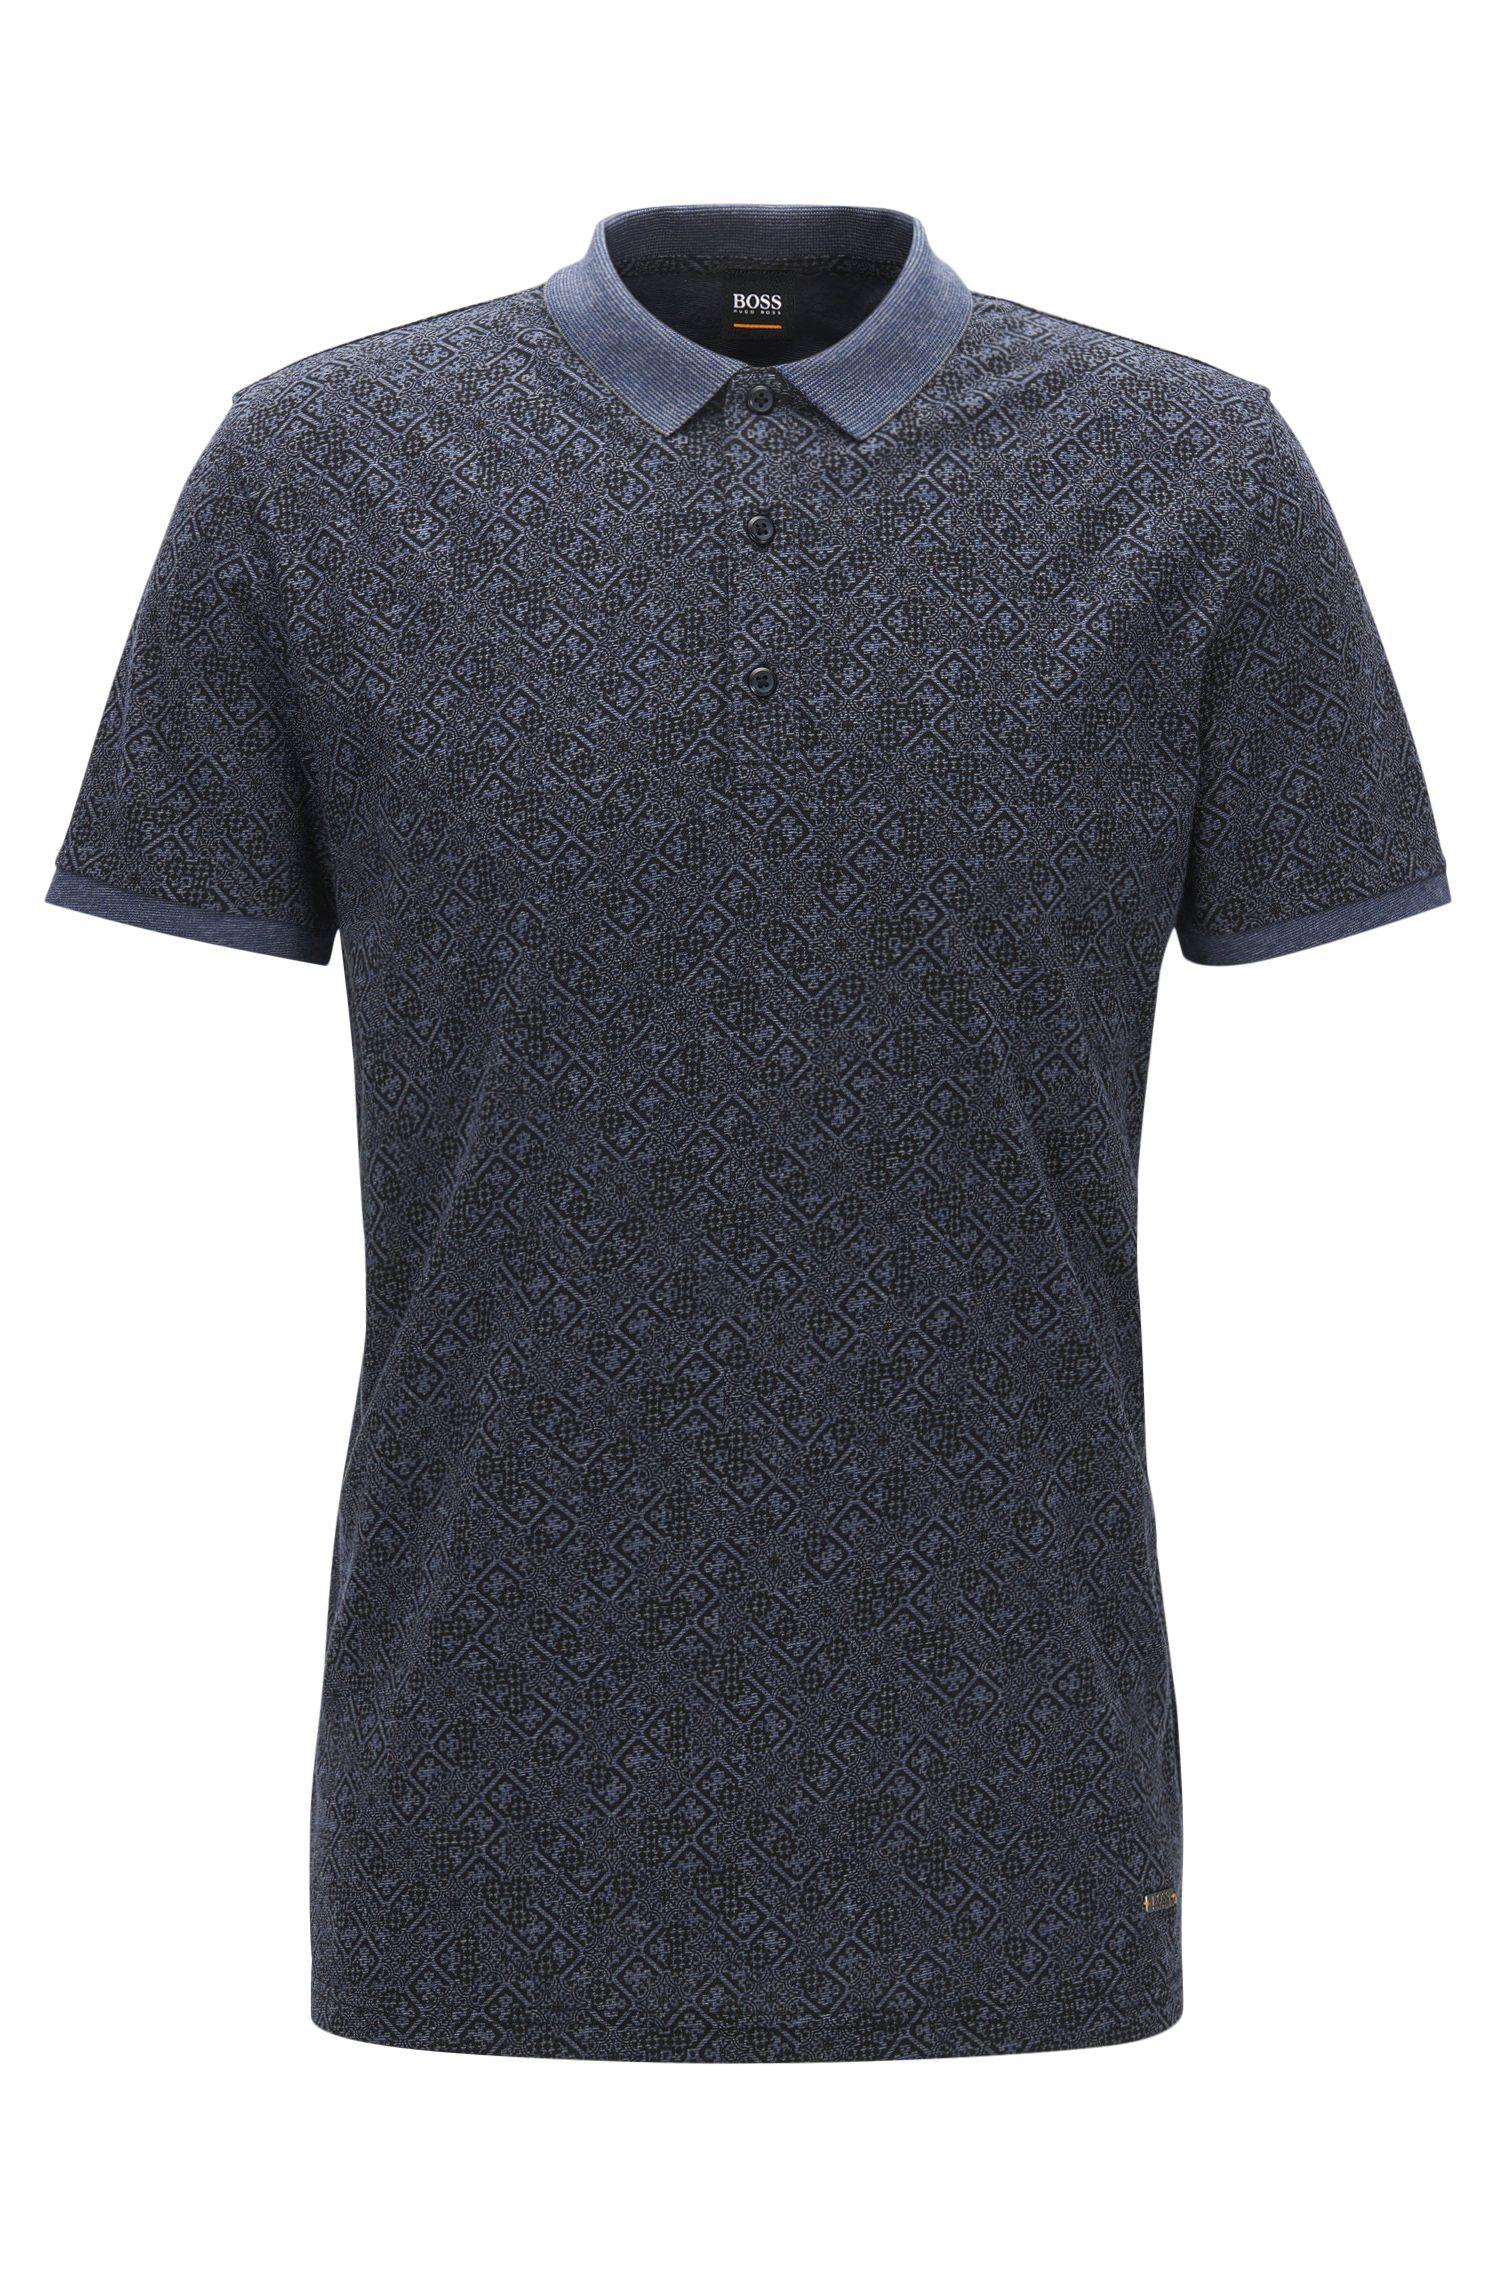 Tile Jacquard Polo Shirt, Regular Fit | Pattern